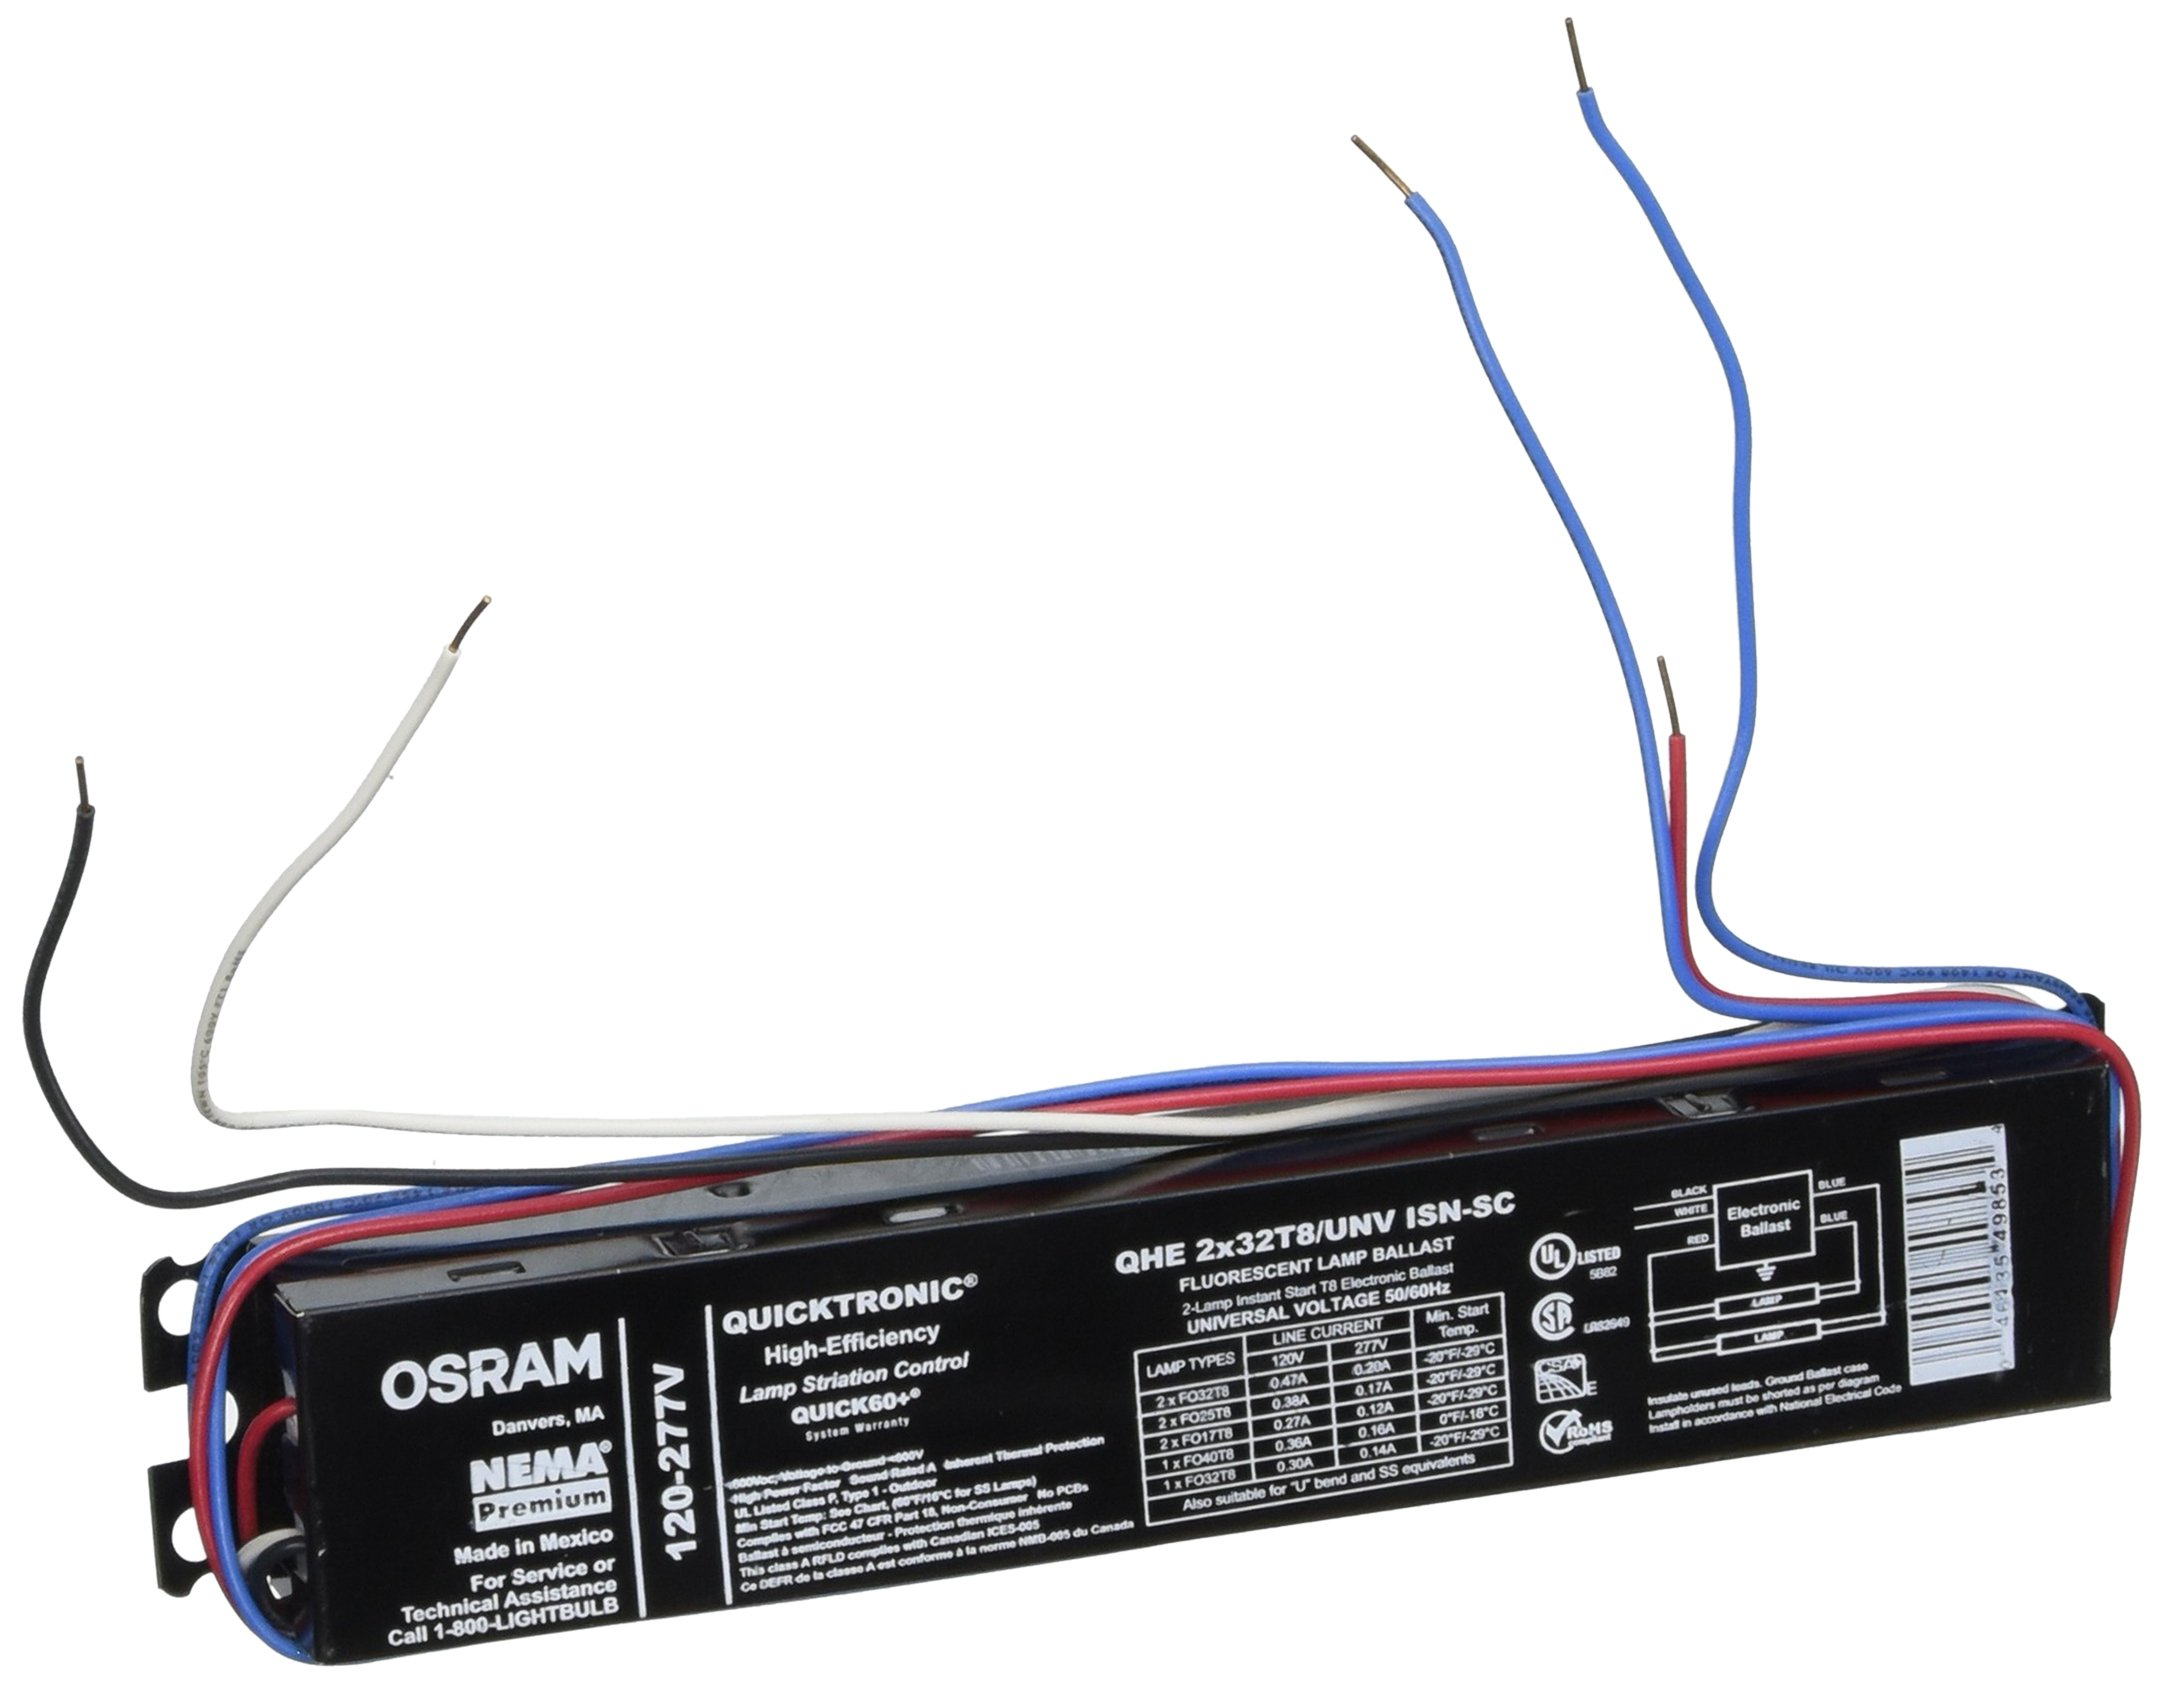 Sylvania QHE2X32T8/UNV Isn-Sc Fluorescent Ballast, 2 Lamp, 32W T8, 120/277V